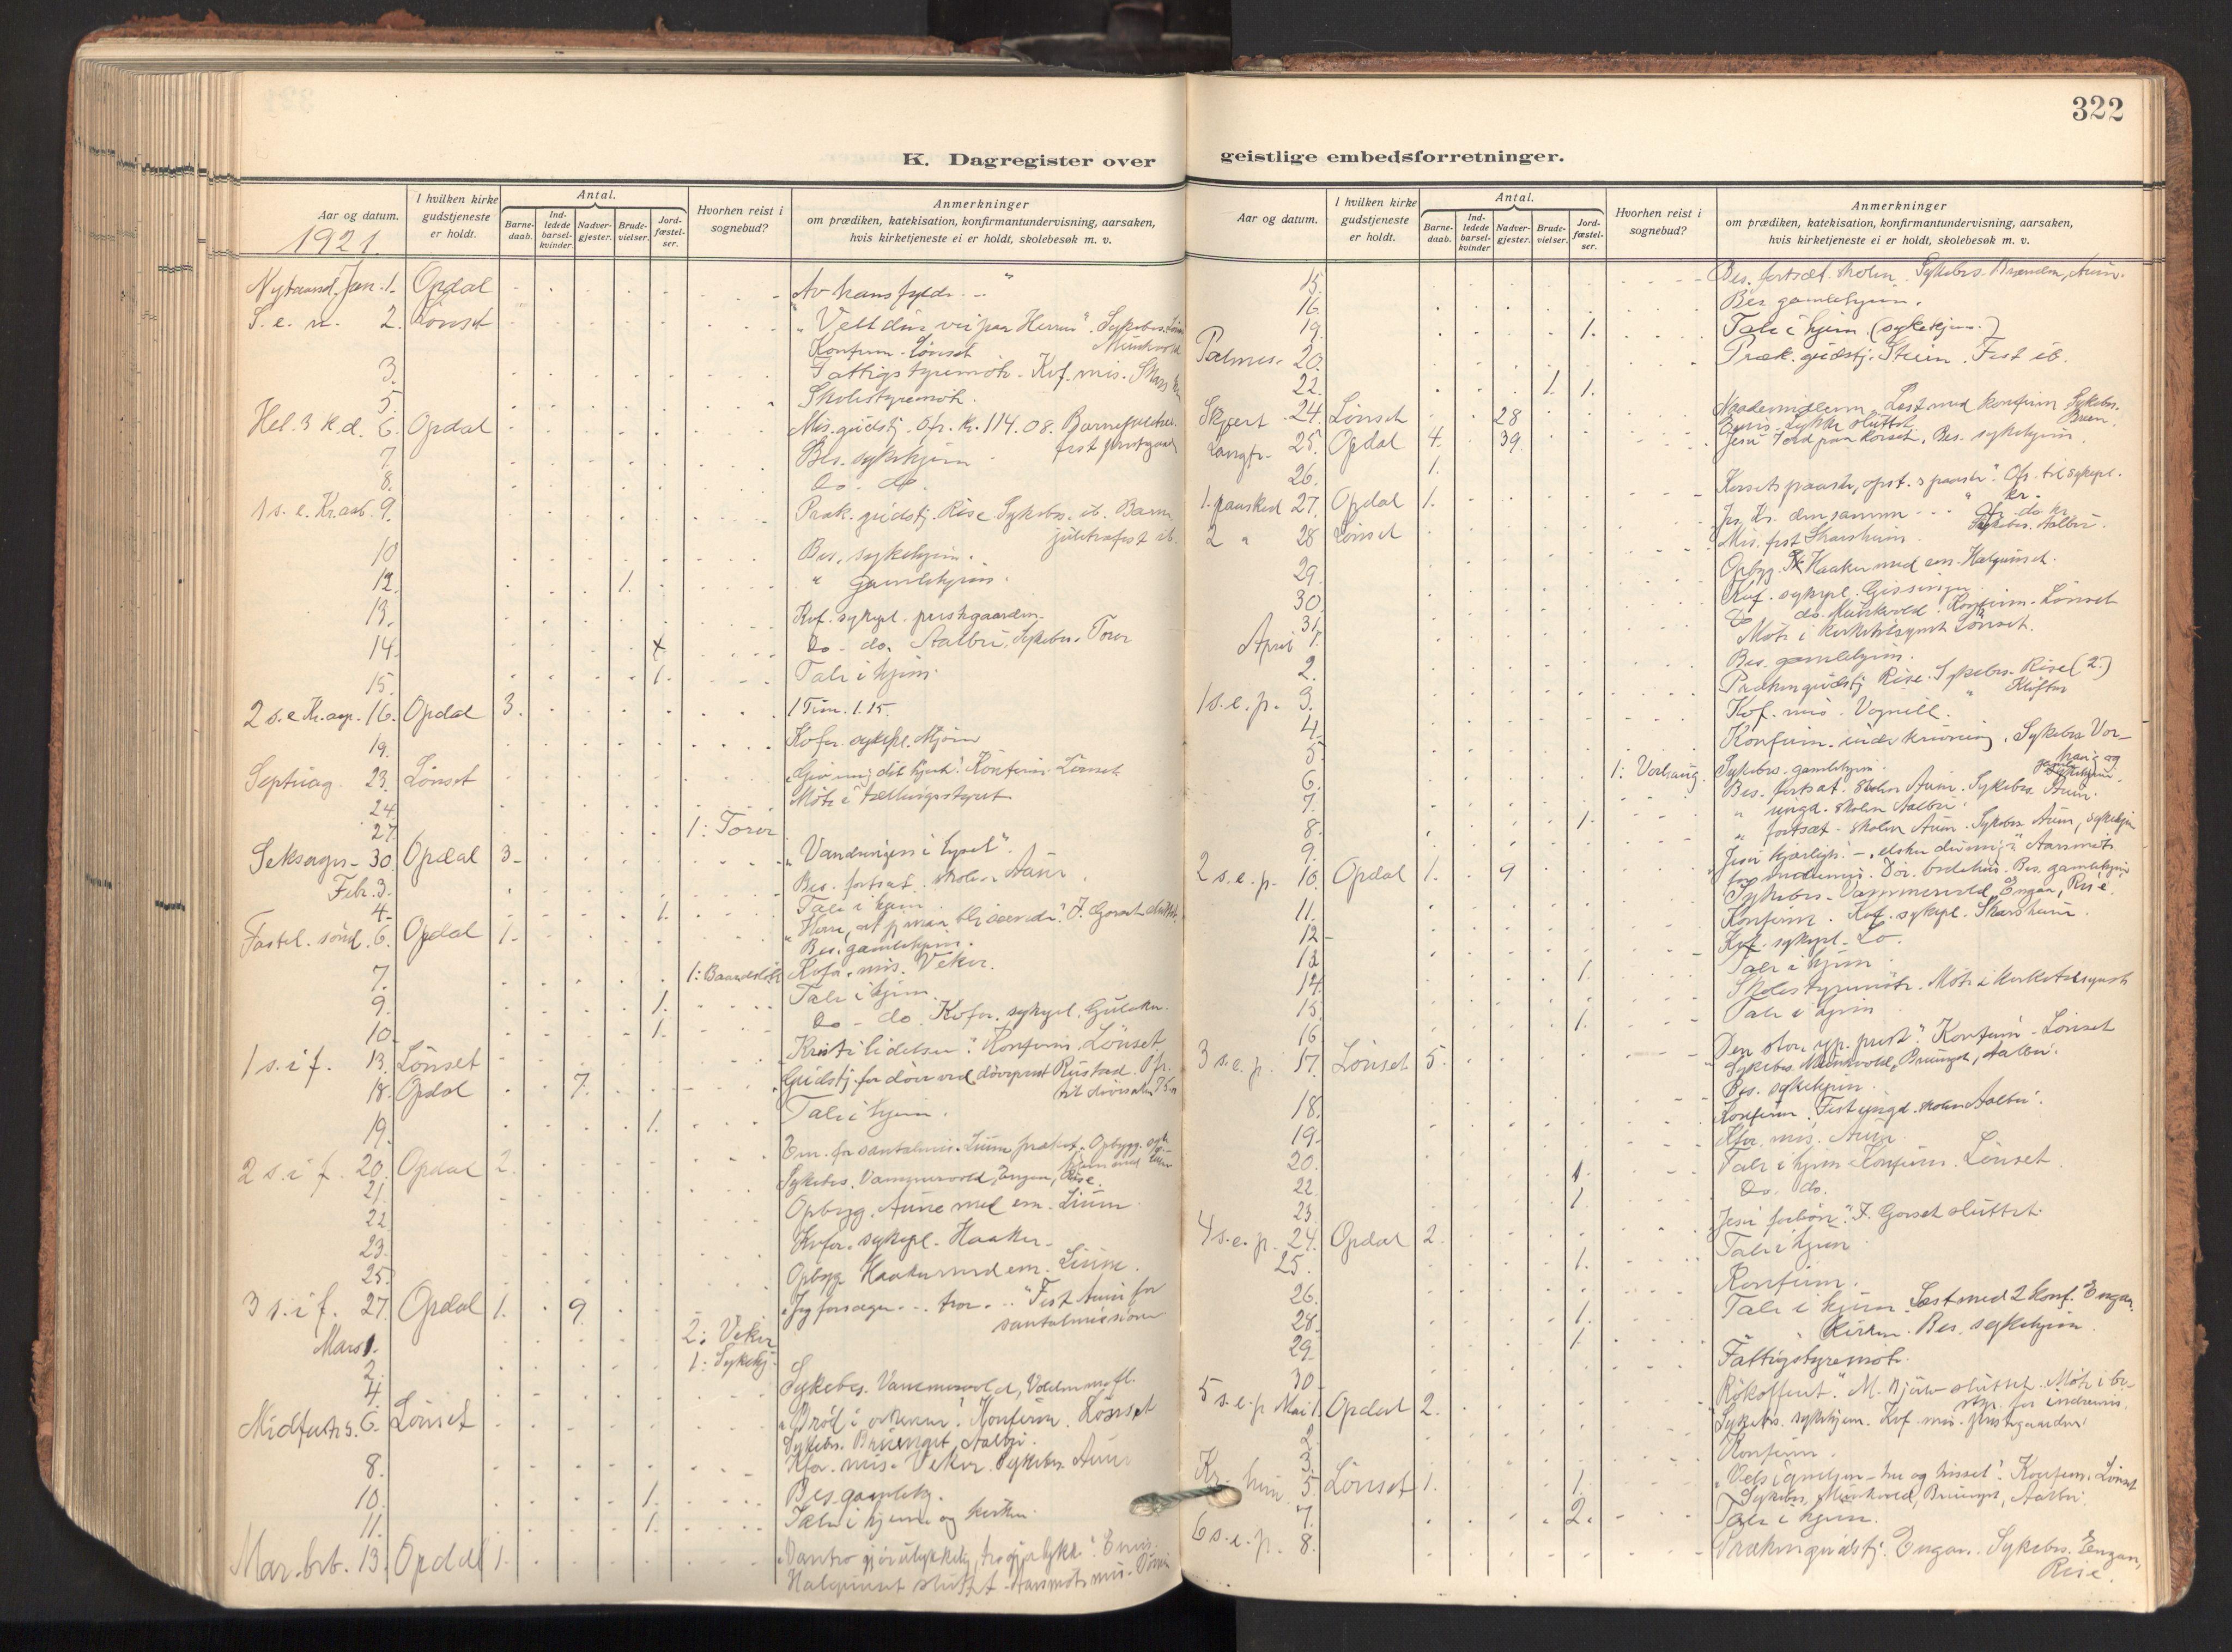 SAT, Ministerialprotokoller, klokkerbøker og fødselsregistre - Sør-Trøndelag, 678/L0909: Ministerialbok nr. 678A17, 1912-1930, s. 322